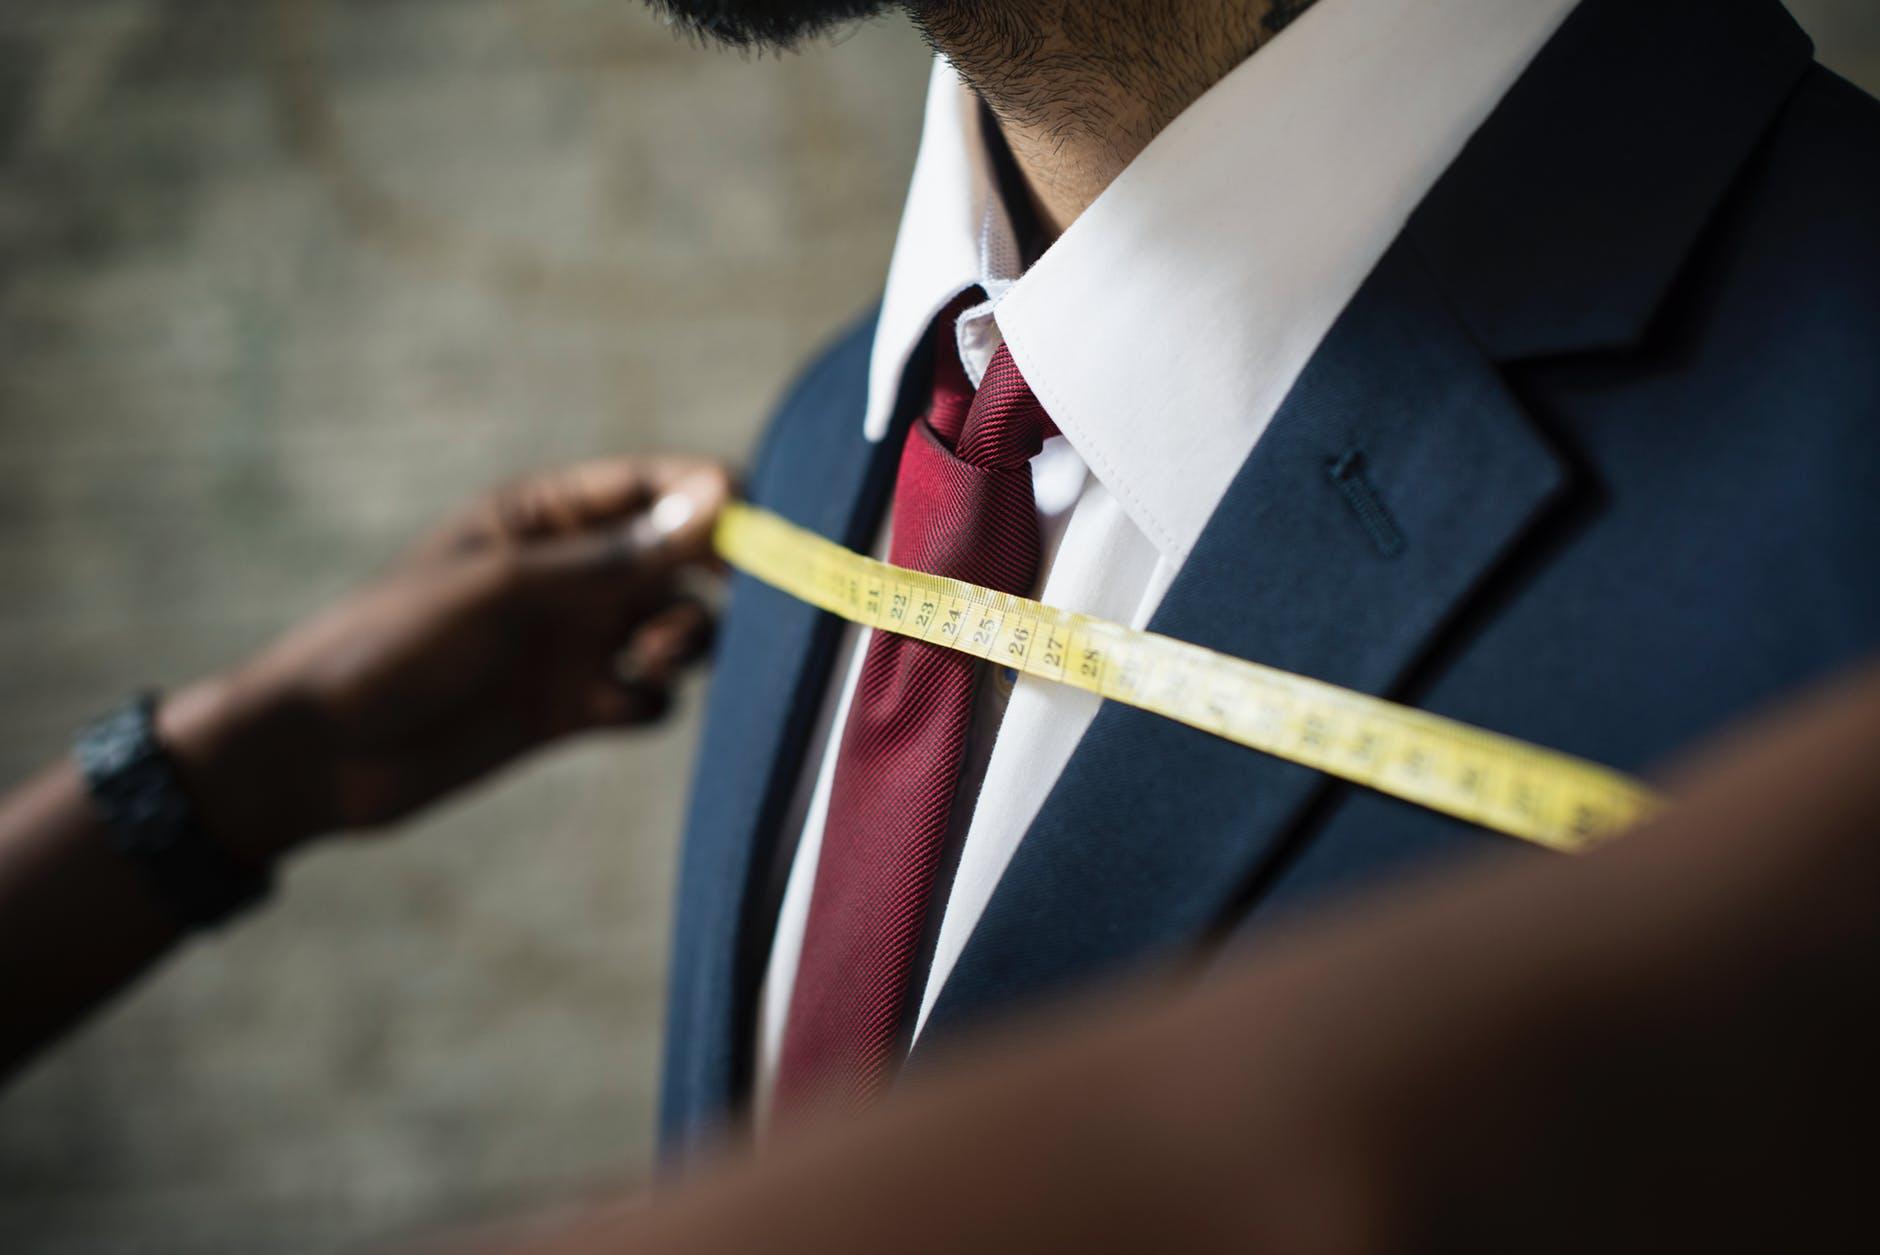 【マッキントッシュ フィロソフィー トロッターシリーズ】スーツの品質や使用感を紹介します!